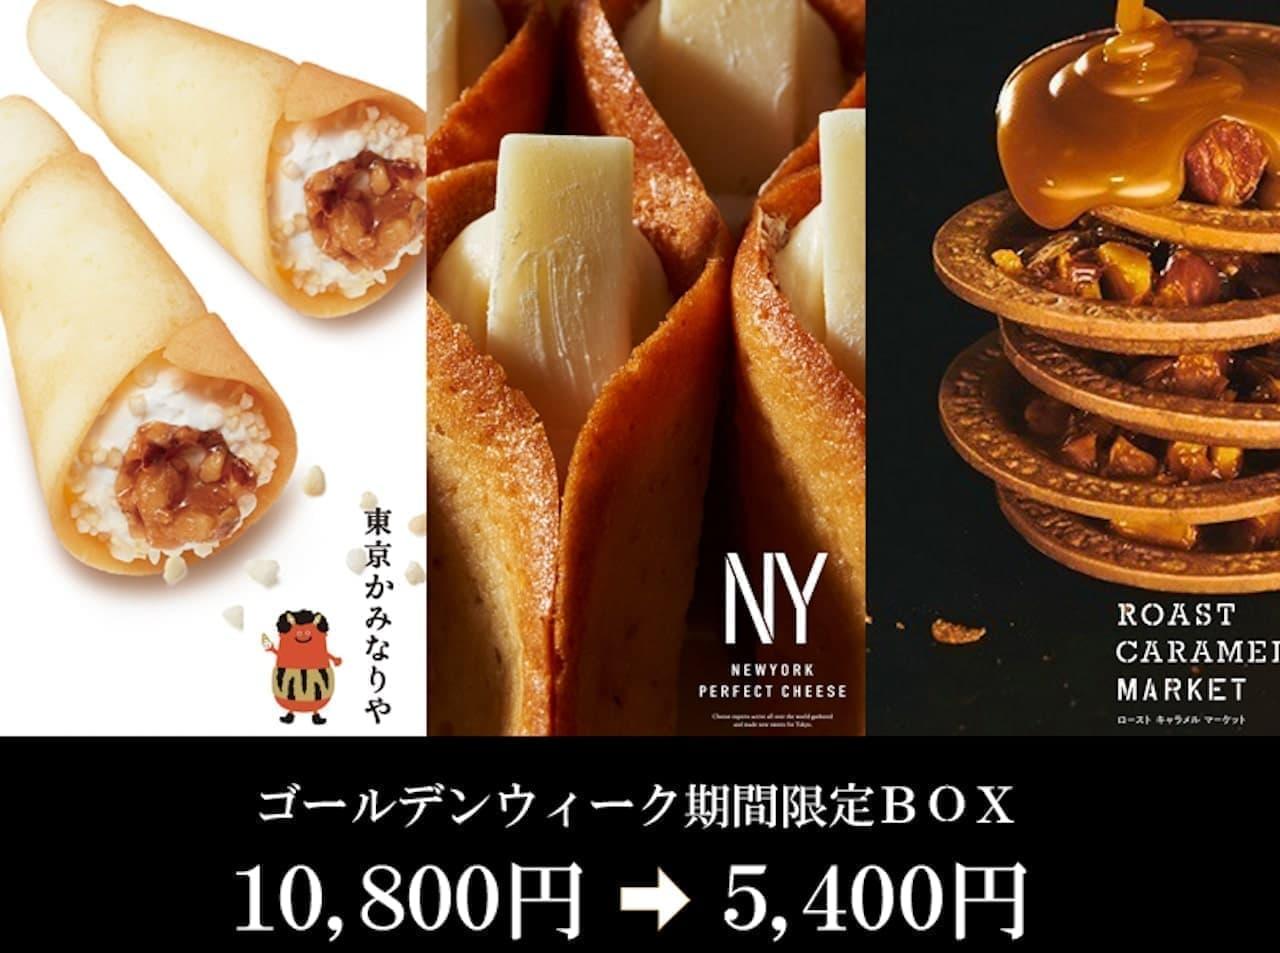 かみなり舎「ゴールデンウィーク期間限定BOX」